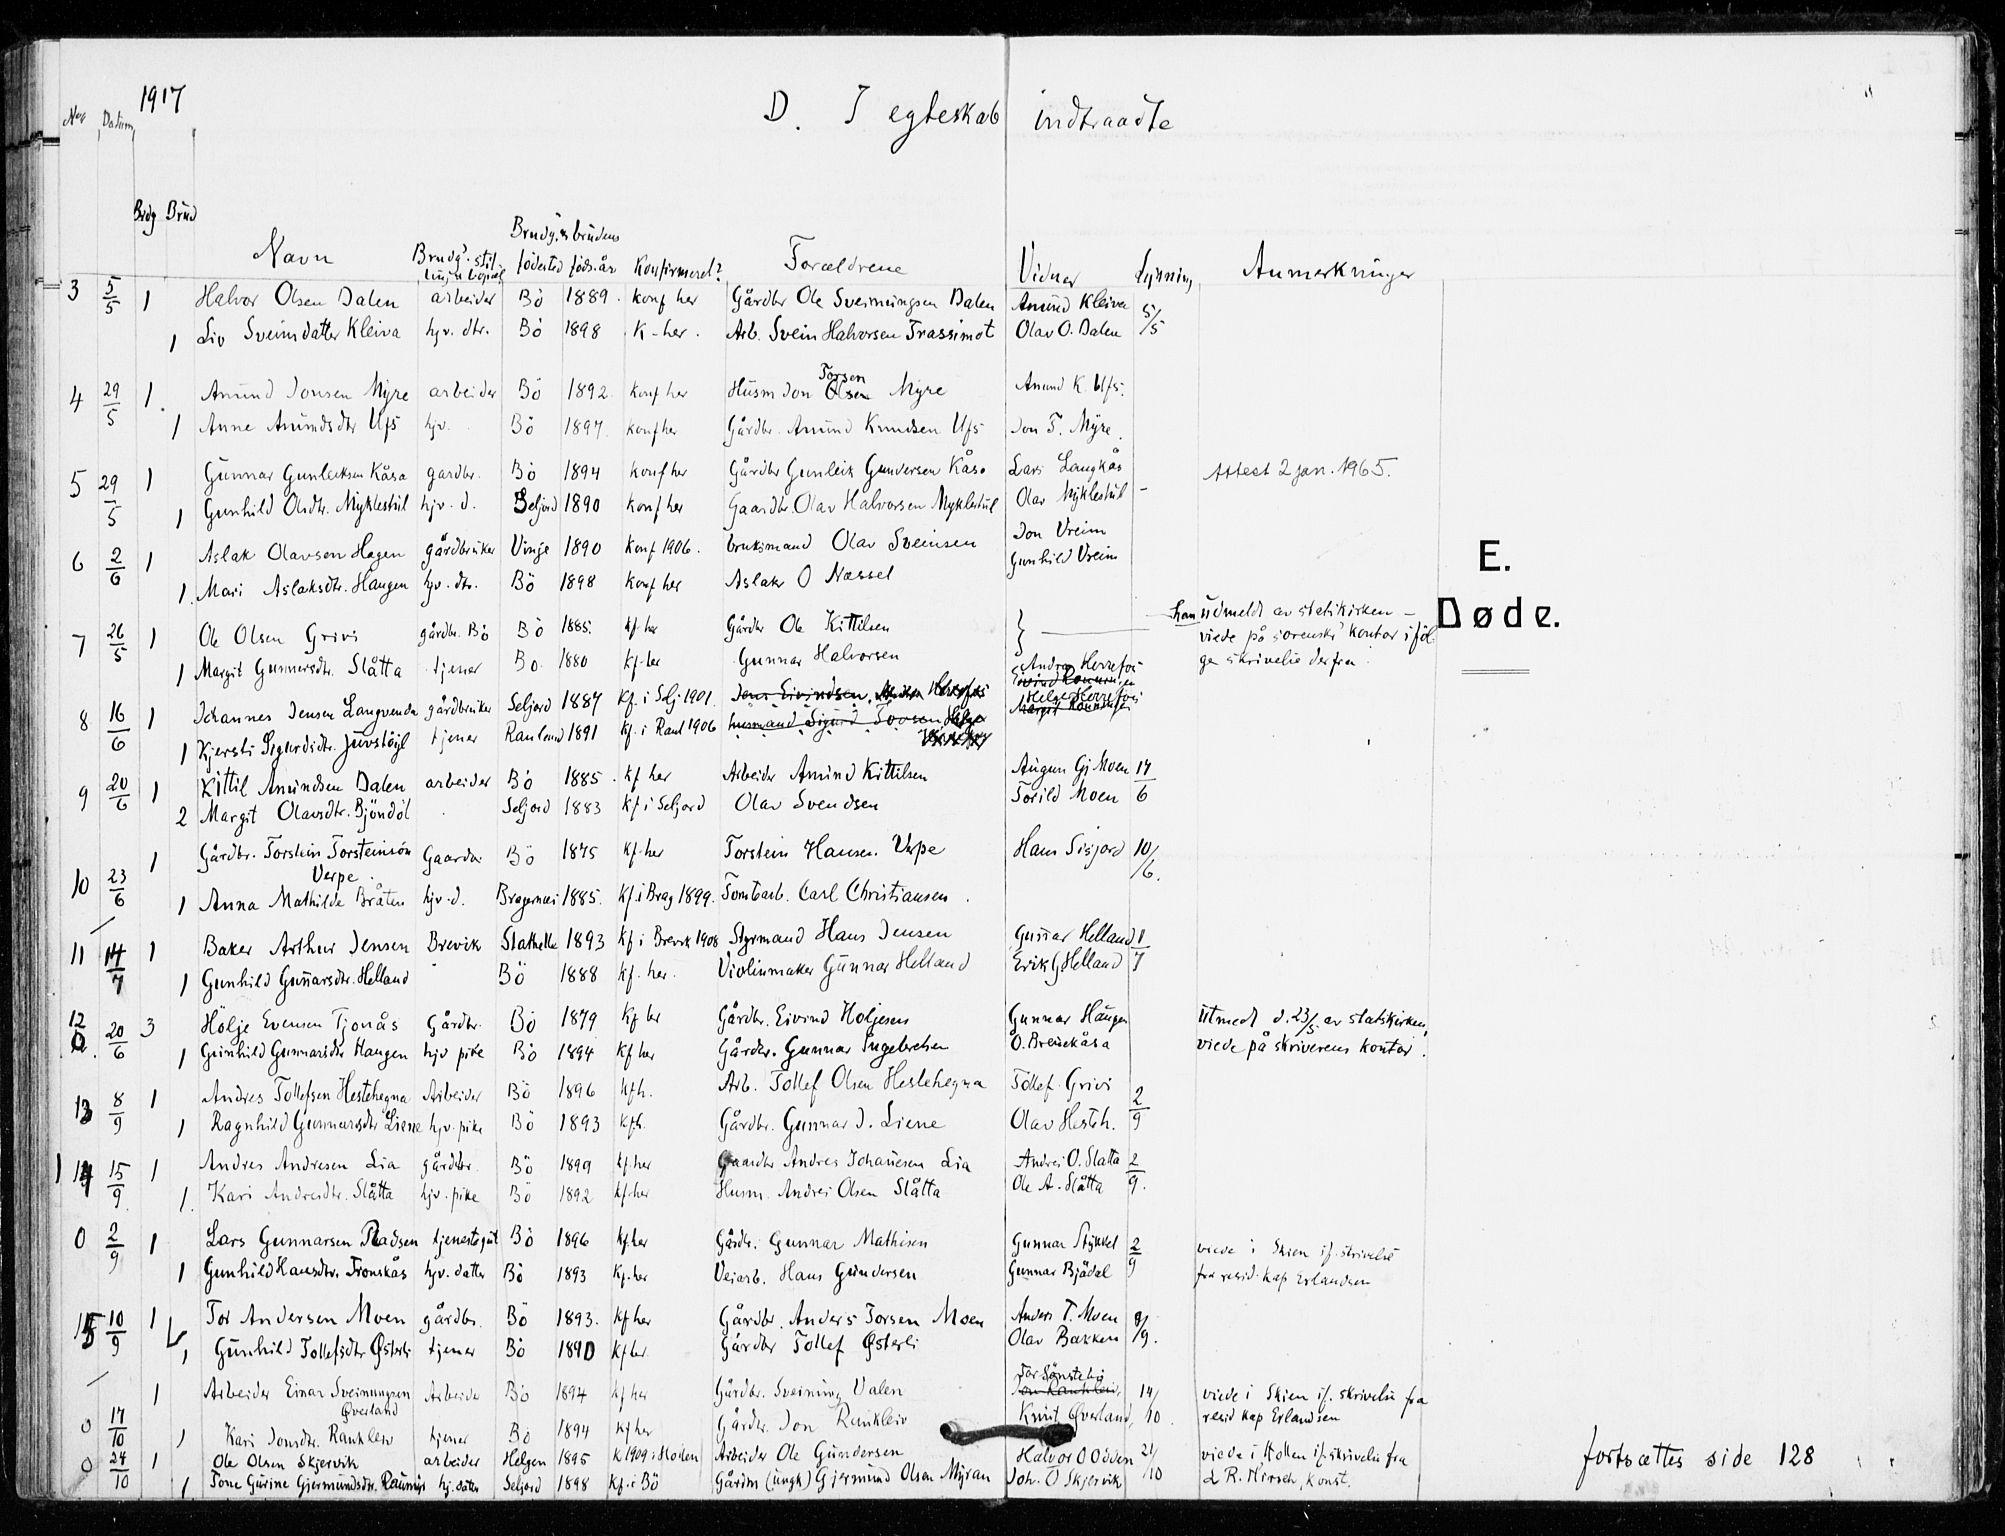 SAKO, Bø kirkebøker, F/Fa/L0013: Ministerialbok nr. 13, 1909-1921, s. 105